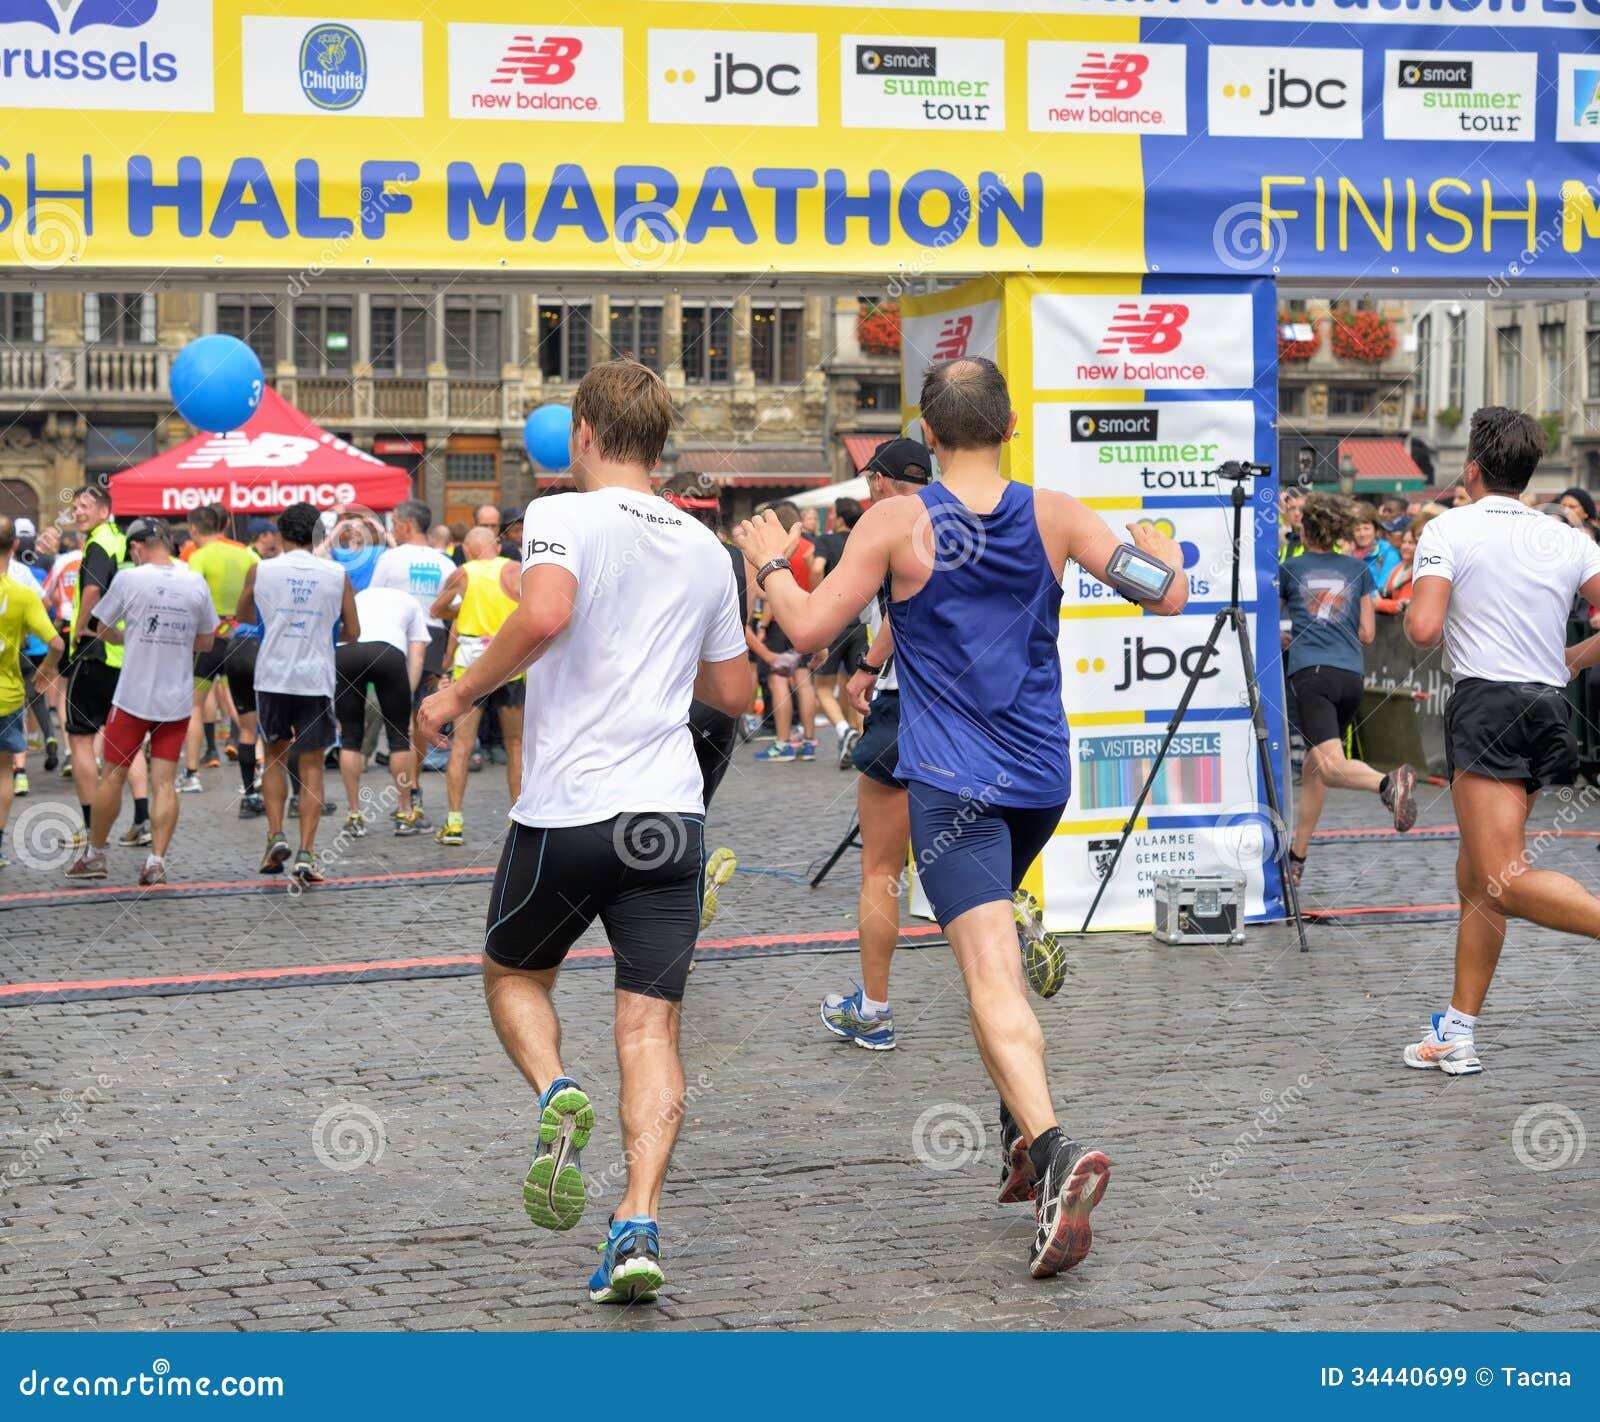 Brussels Marathon 2013